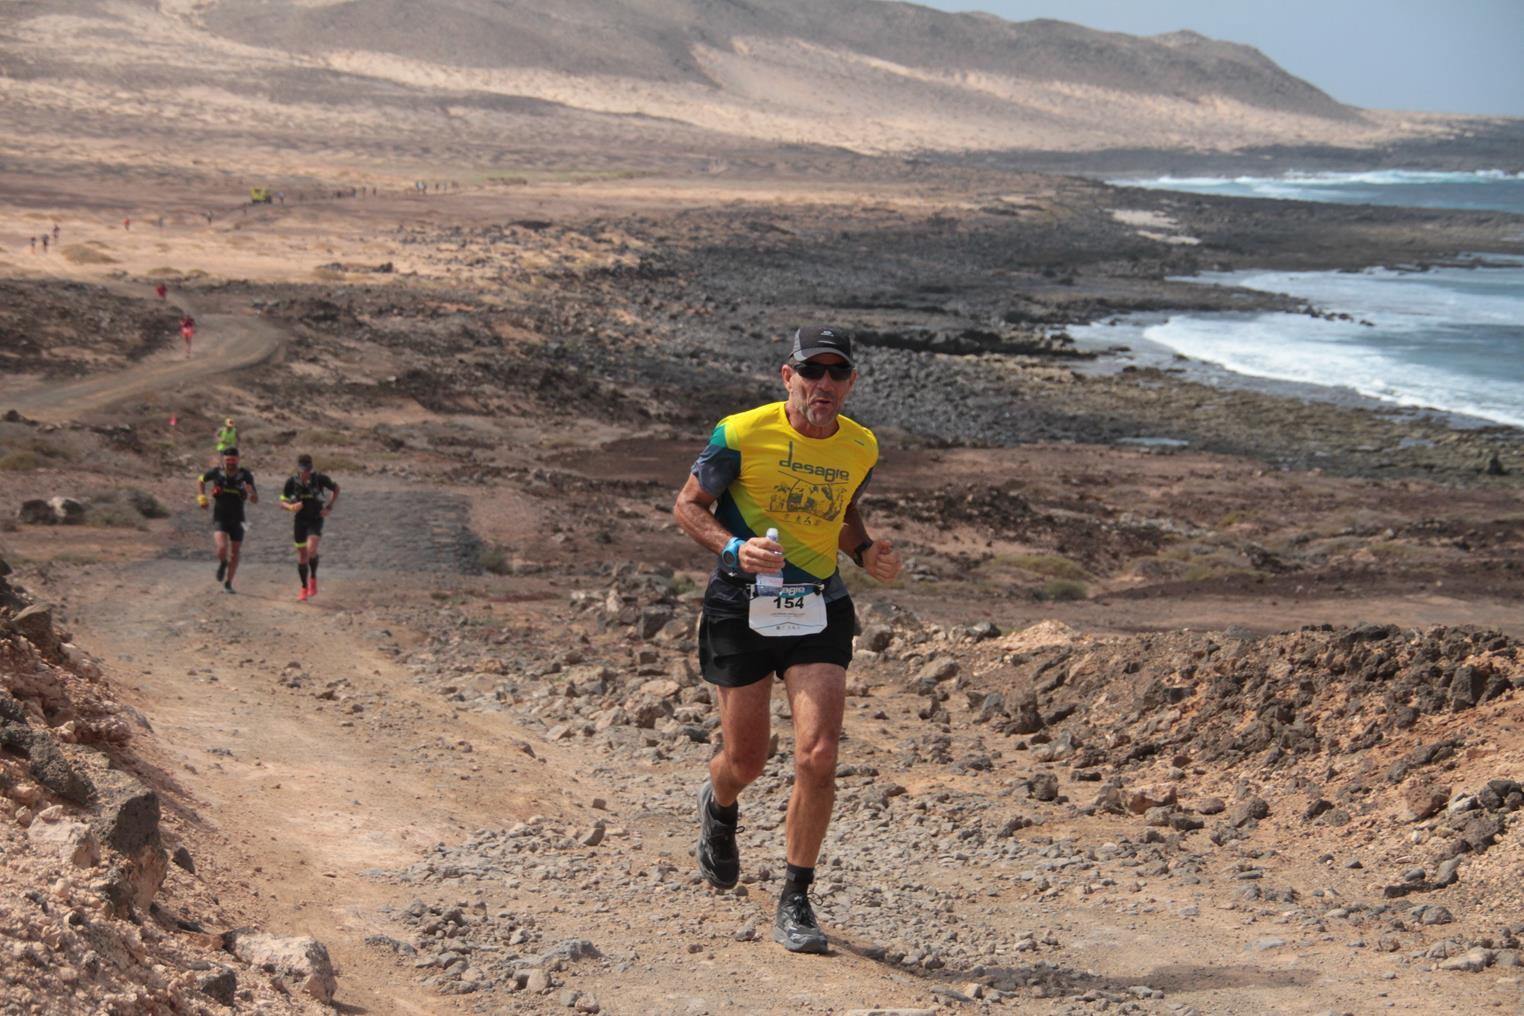 Desafio-Trail-384